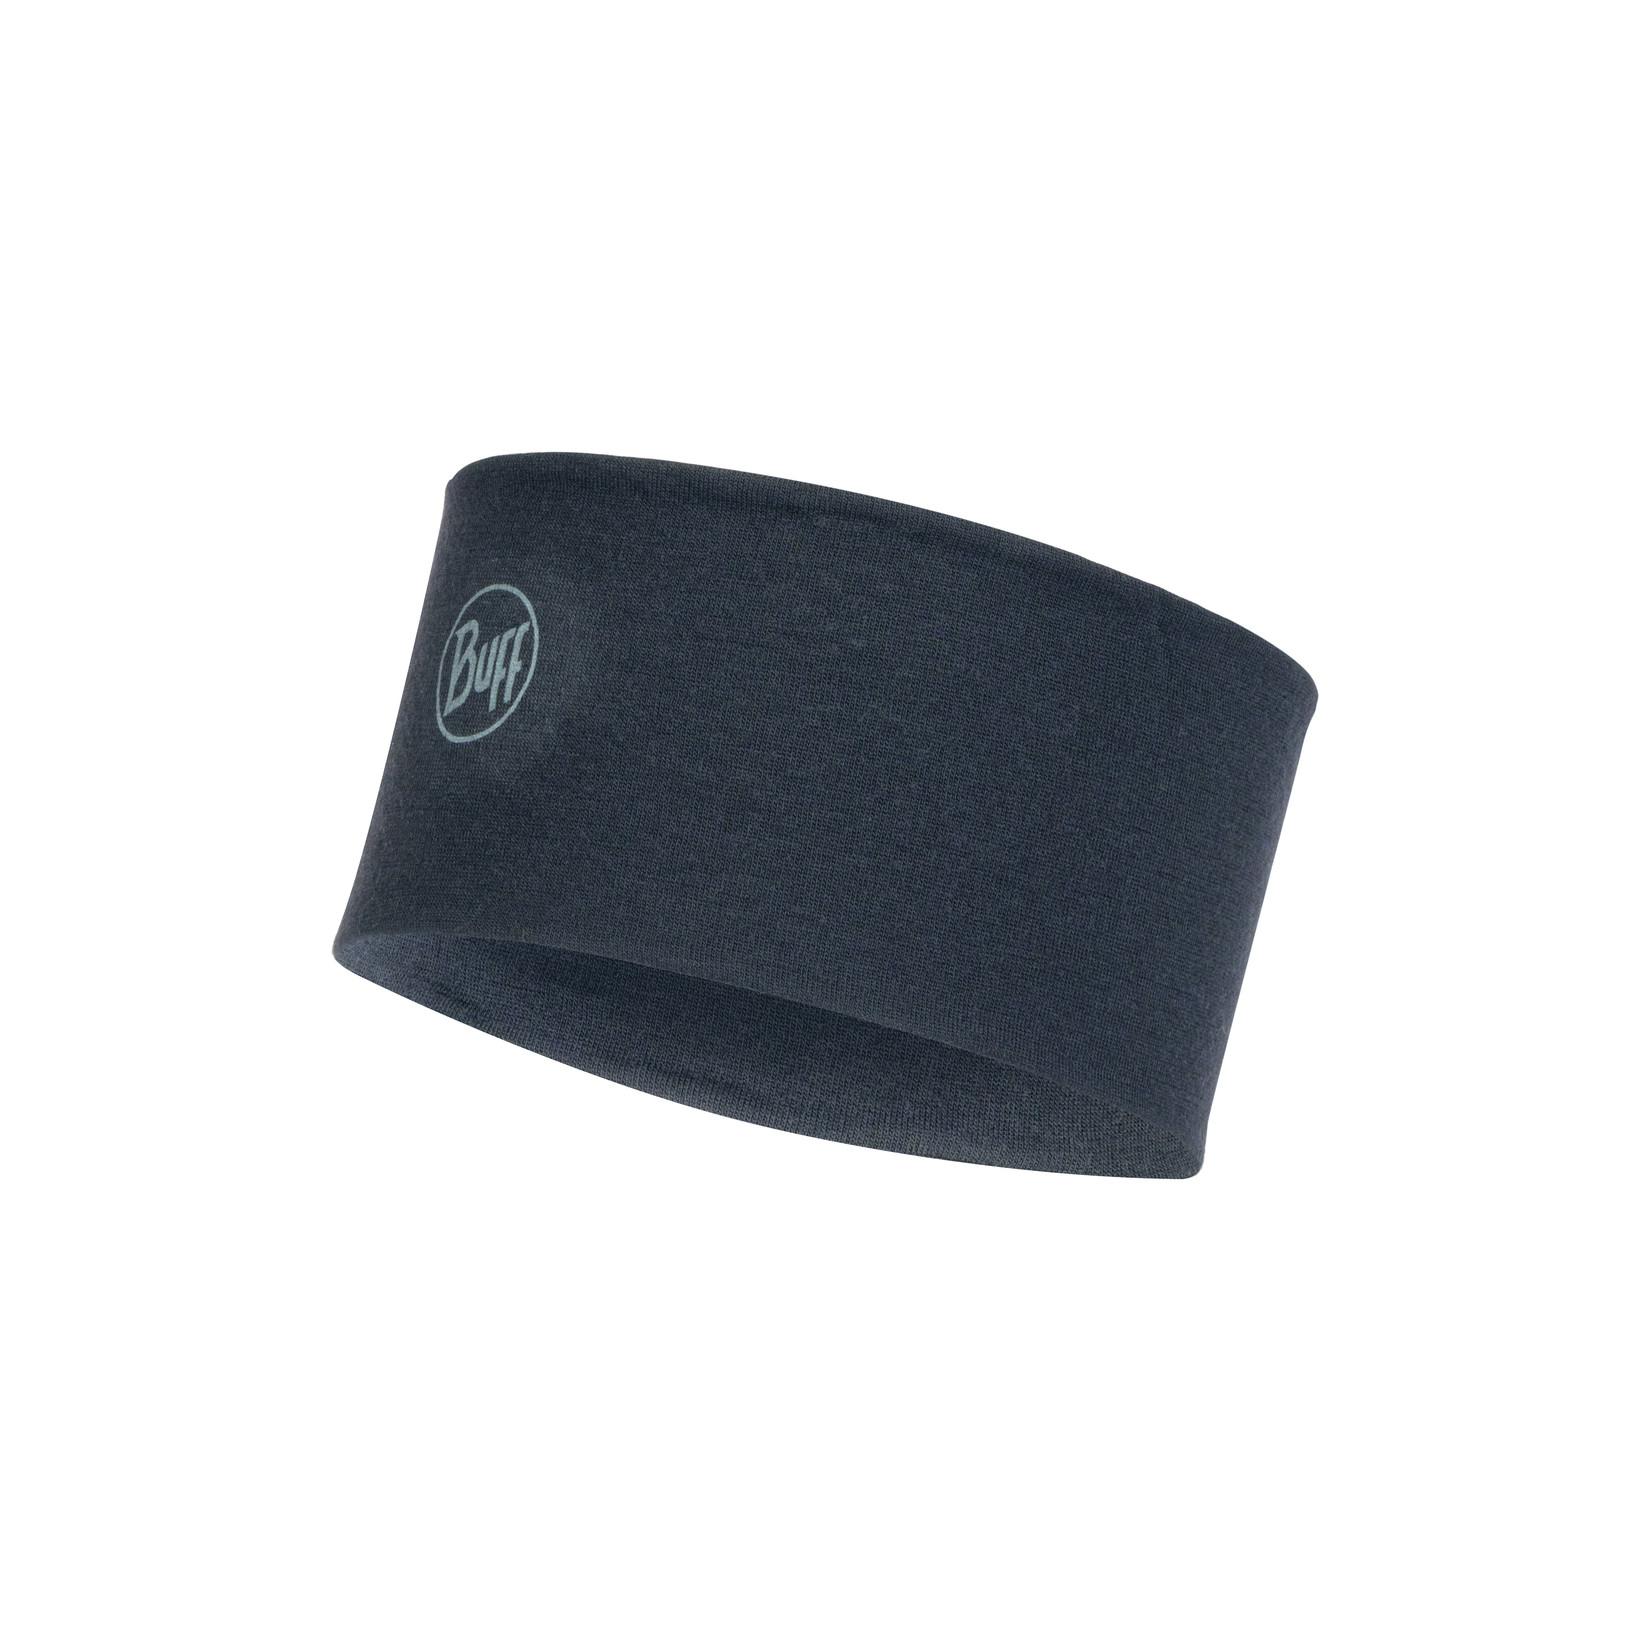 BUFF® 2L Midweight Merino Wool Headband